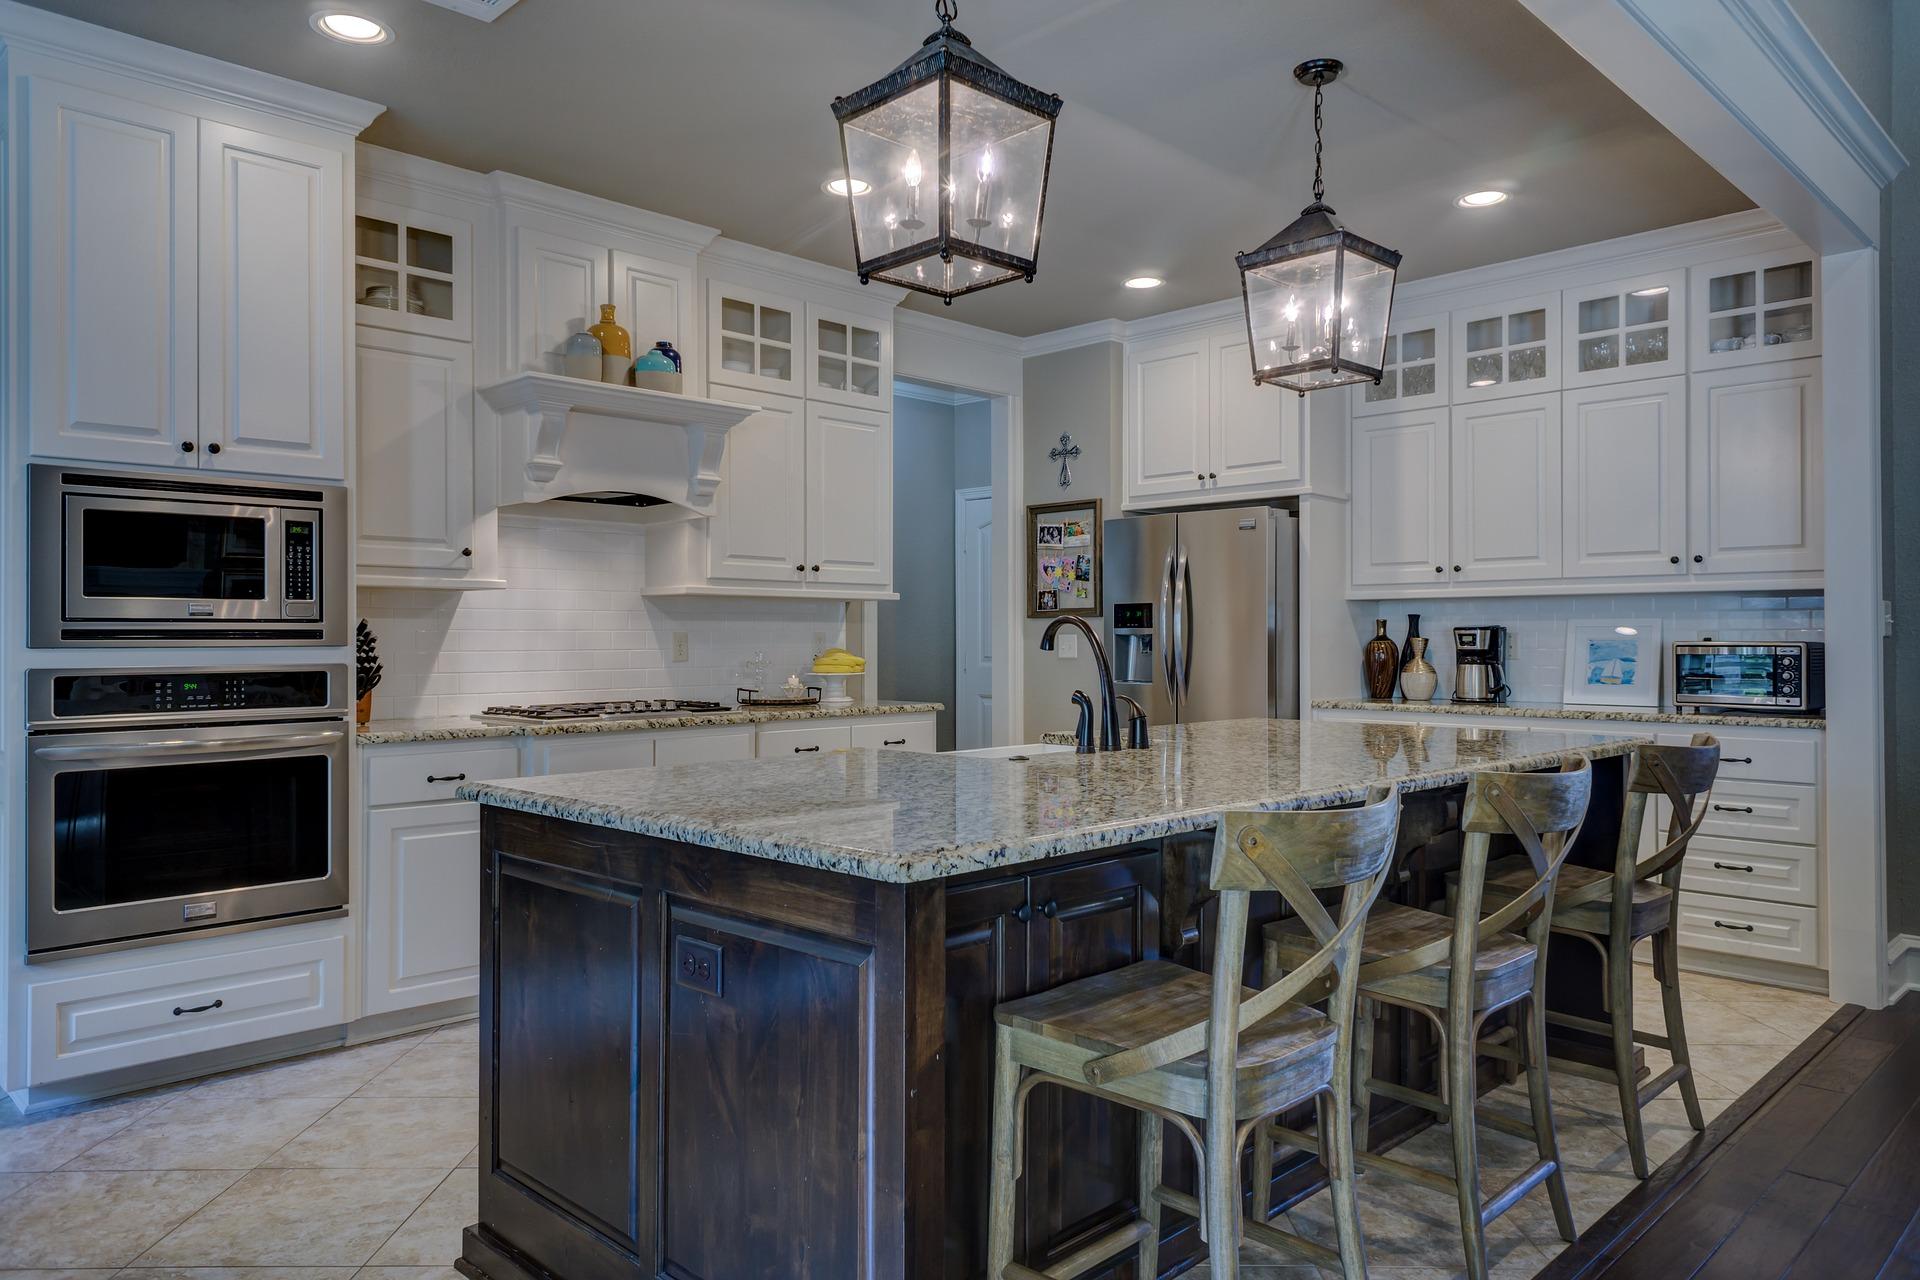 kitchen-1940174_1920